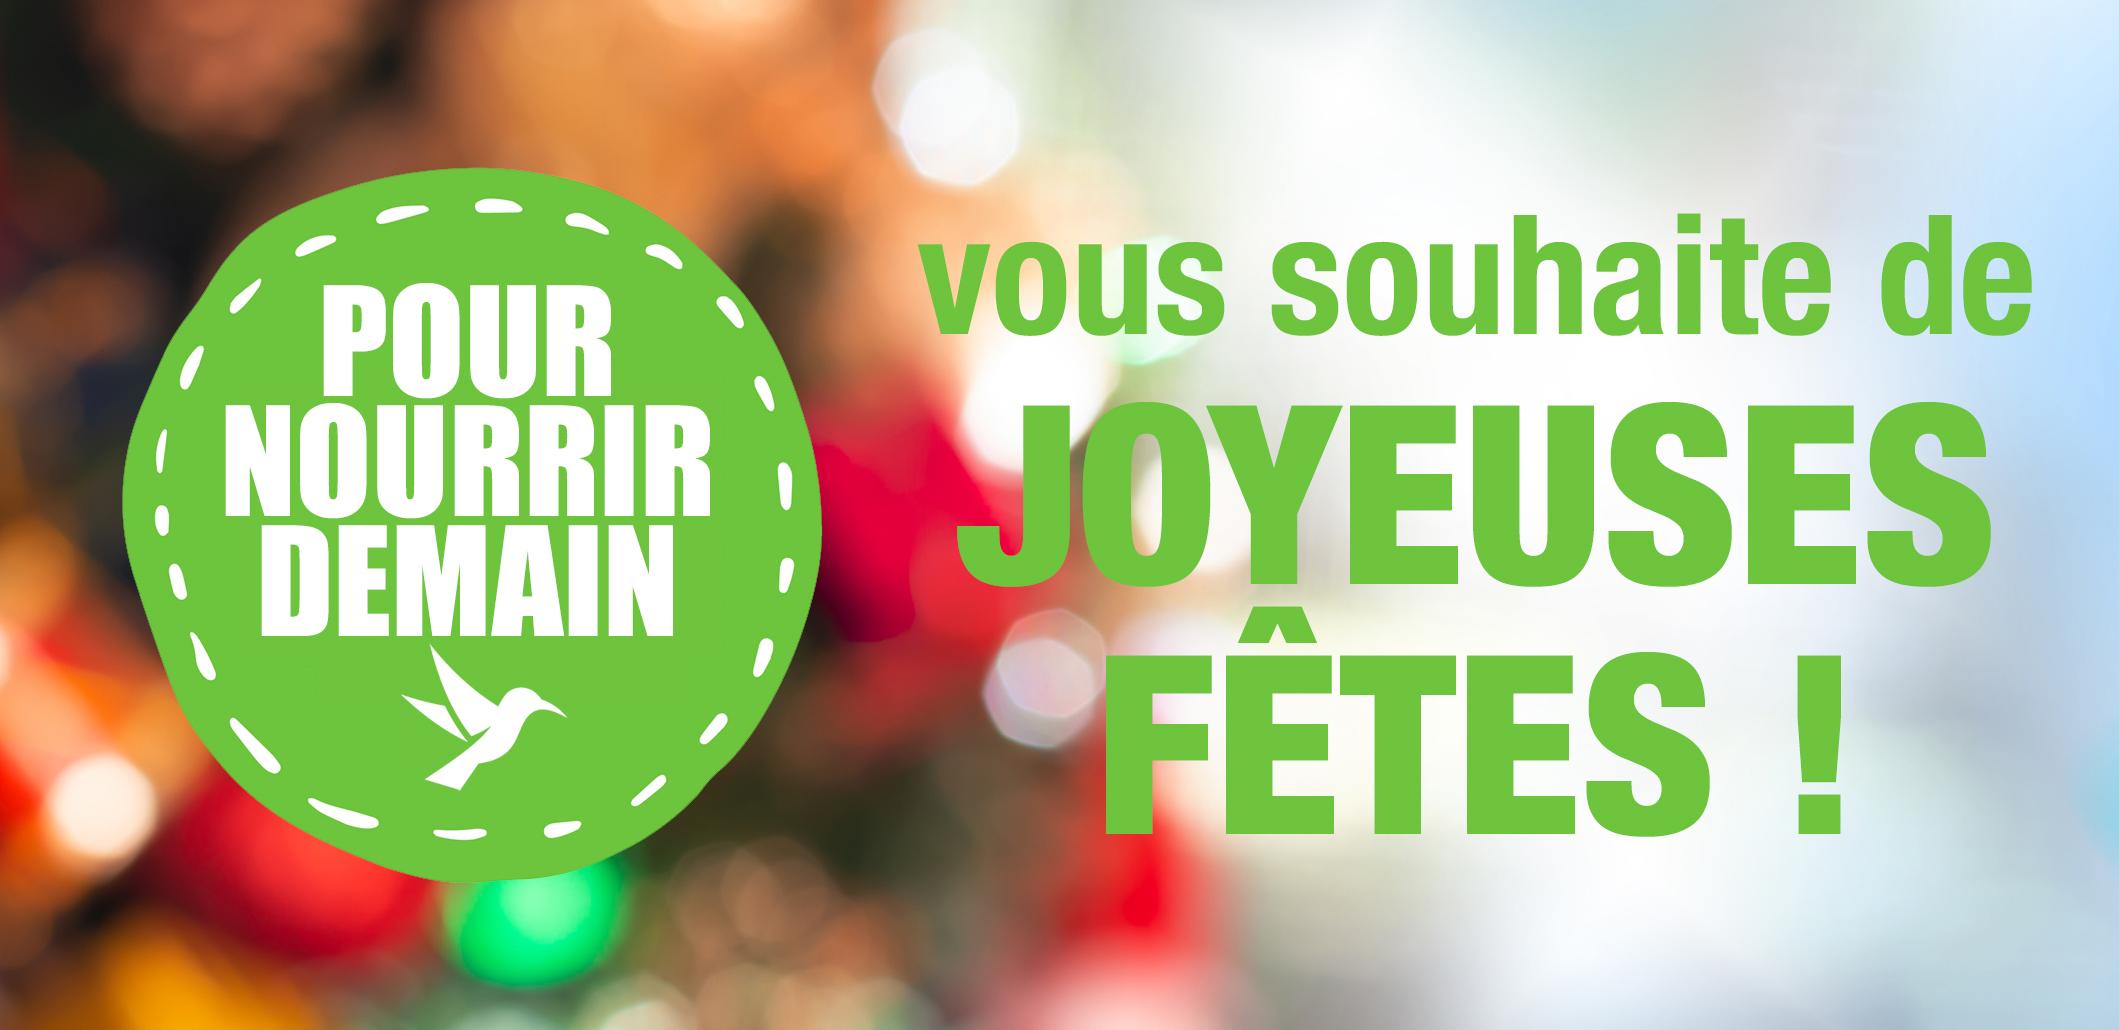 happyfeed - Pour nourrir demain vous souhaite de joyeuses fêtes !